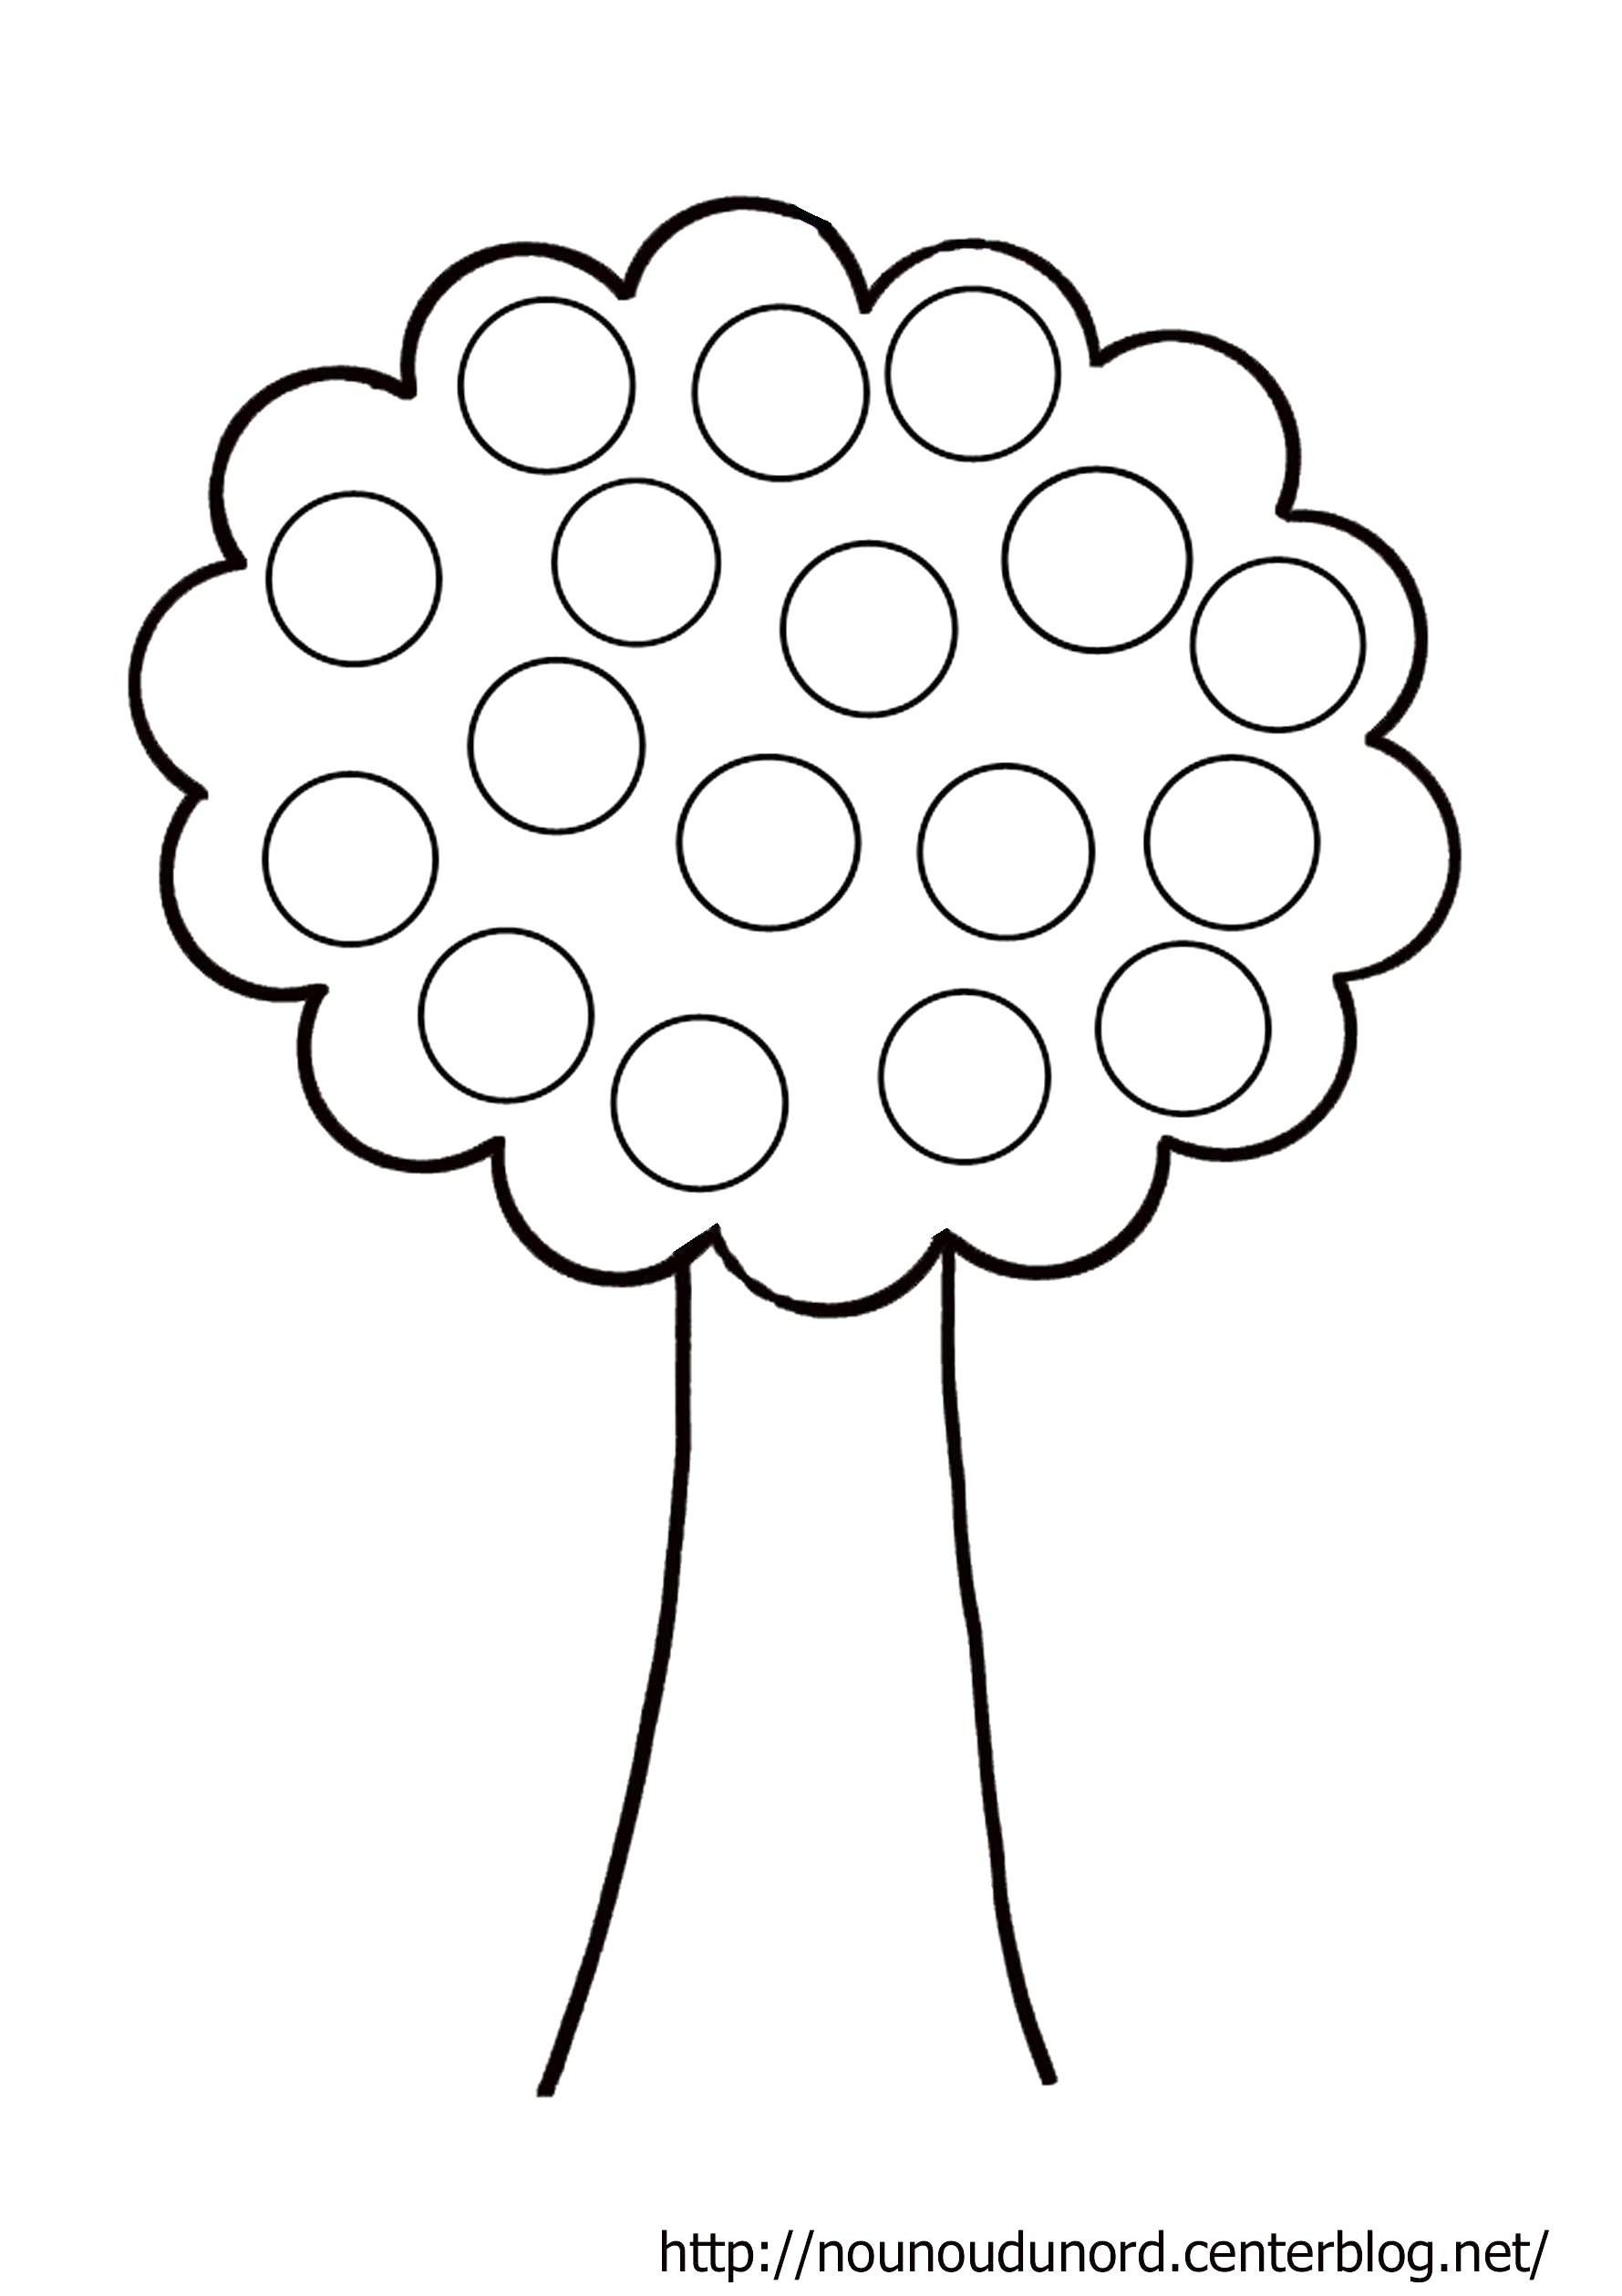 coloriage arbre à gommettes dessiné .